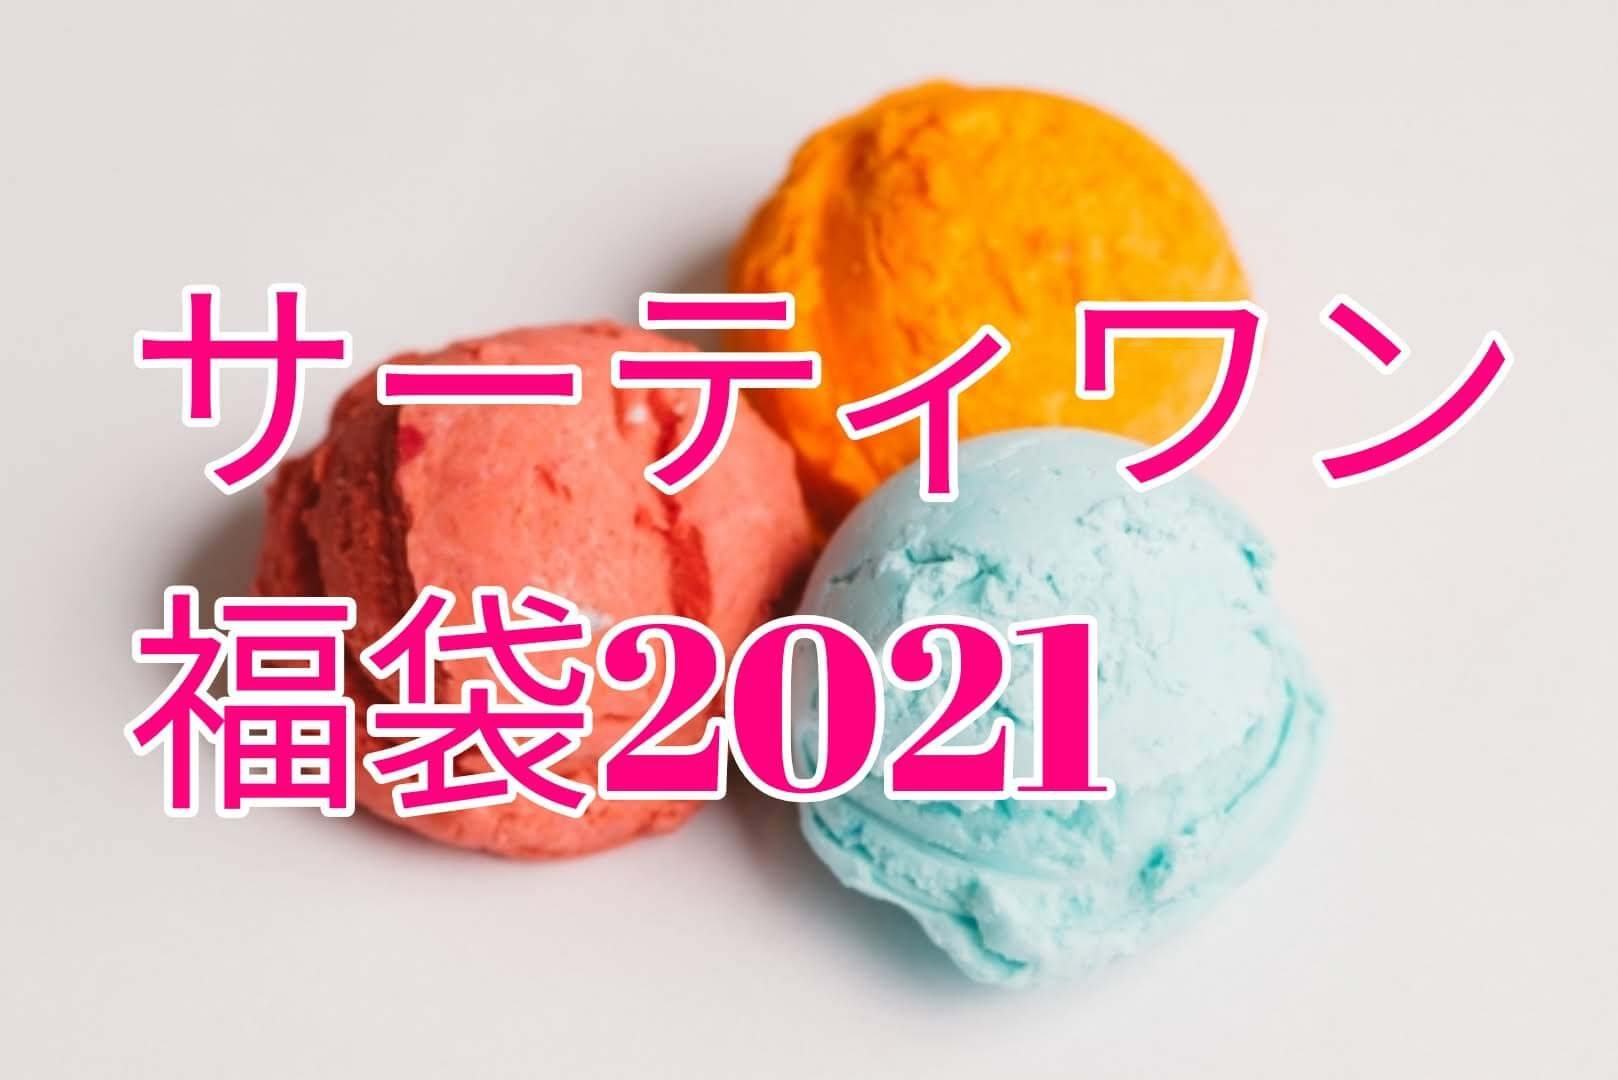 2020 サーティワン 福袋